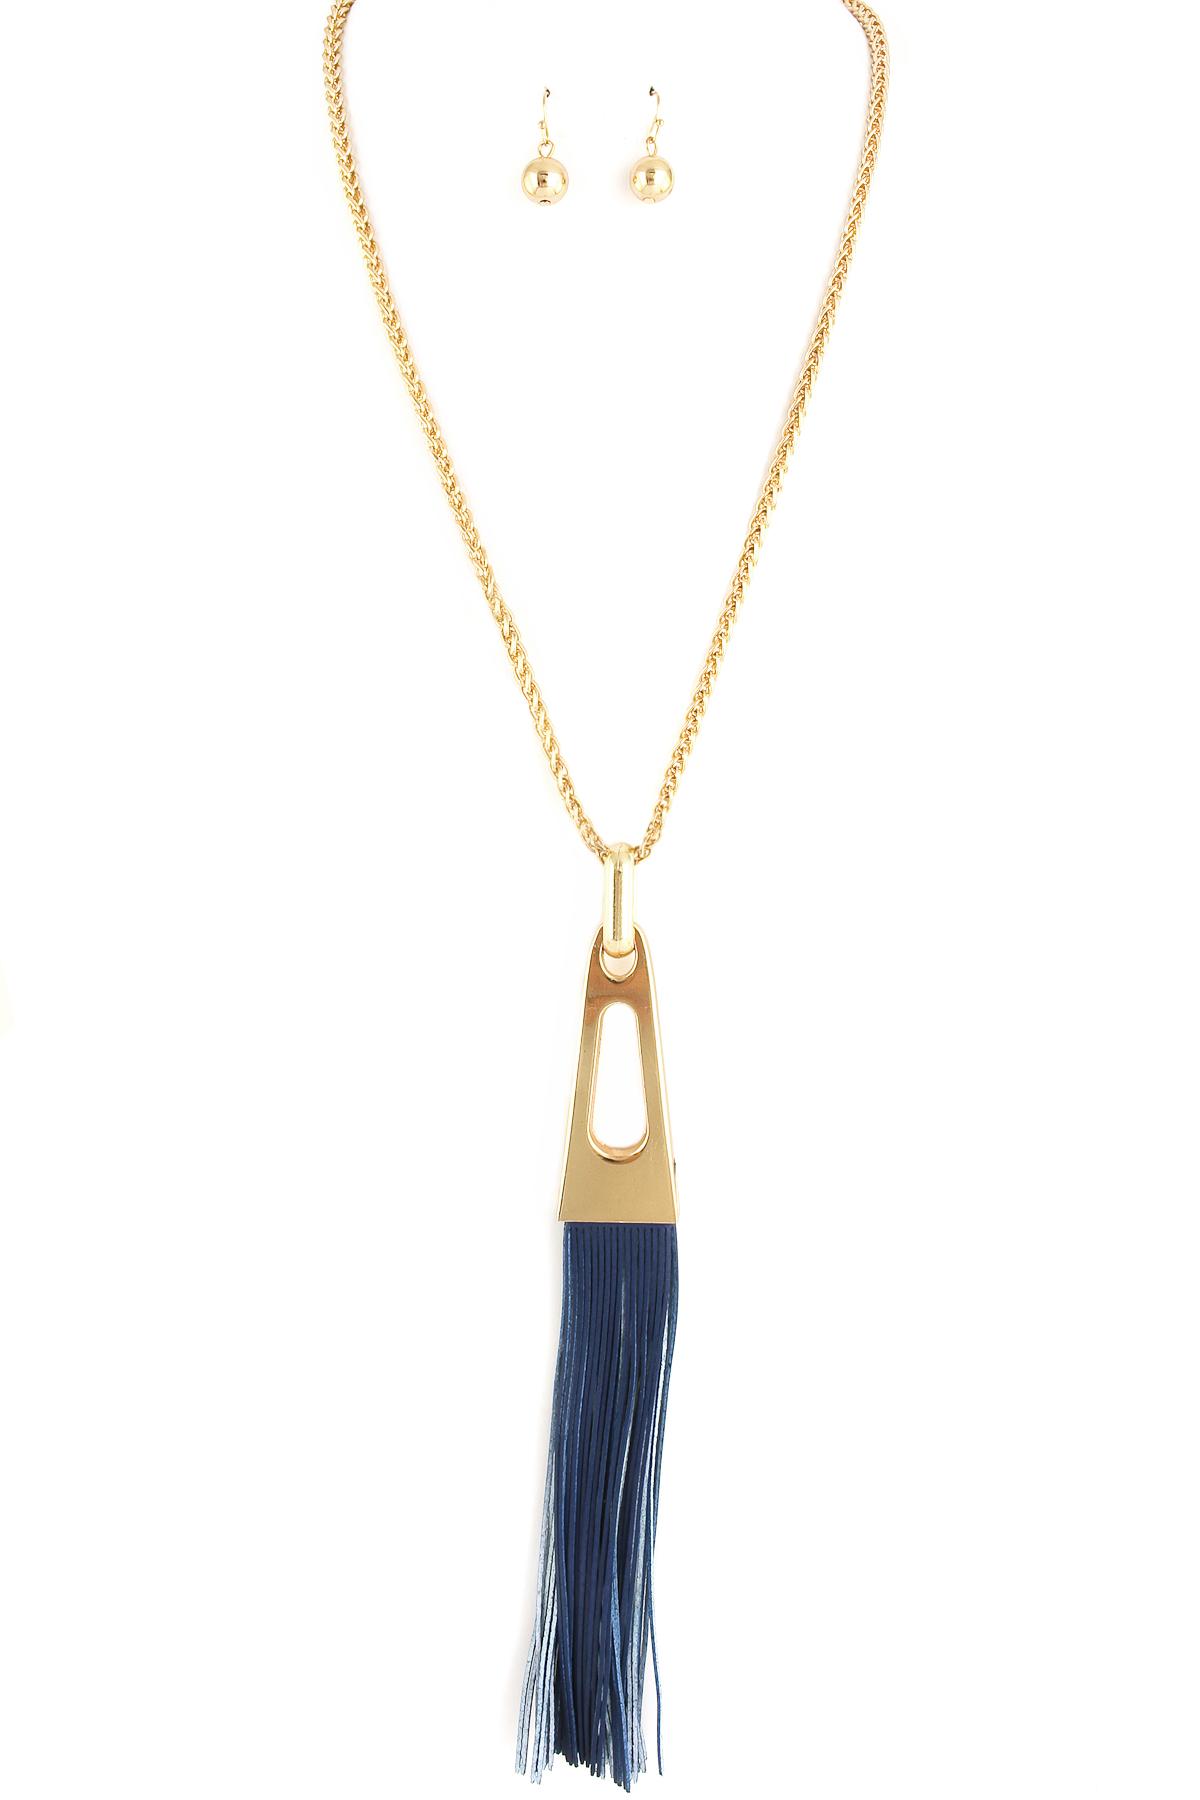 leather tassel pendant necklace set necklaces